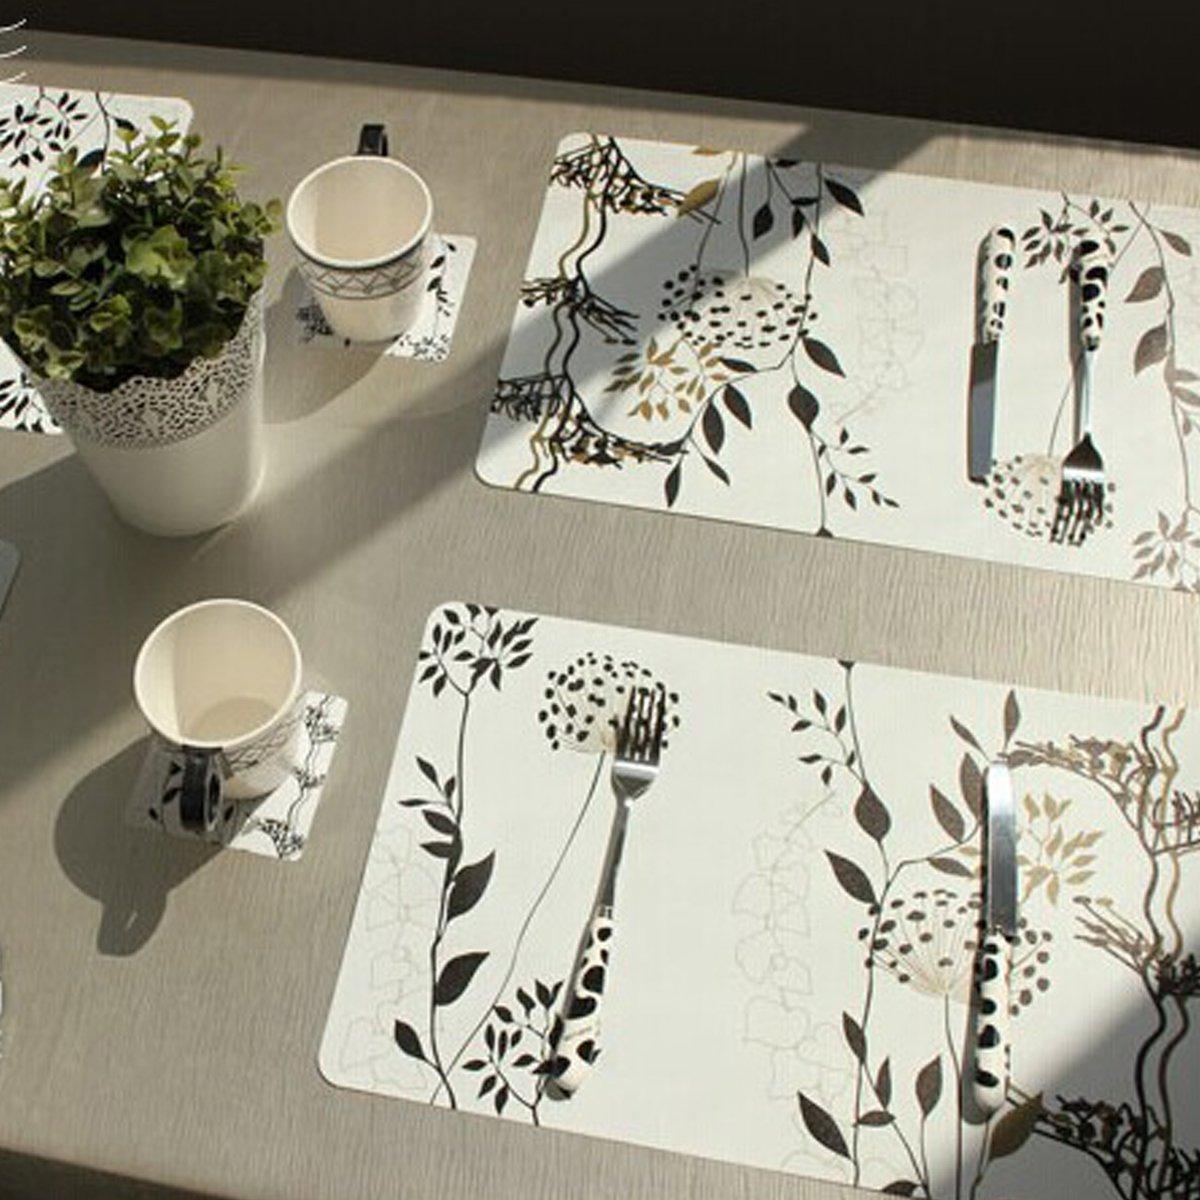 amazon com hqdeal placemats table mats set of 6 unique design art